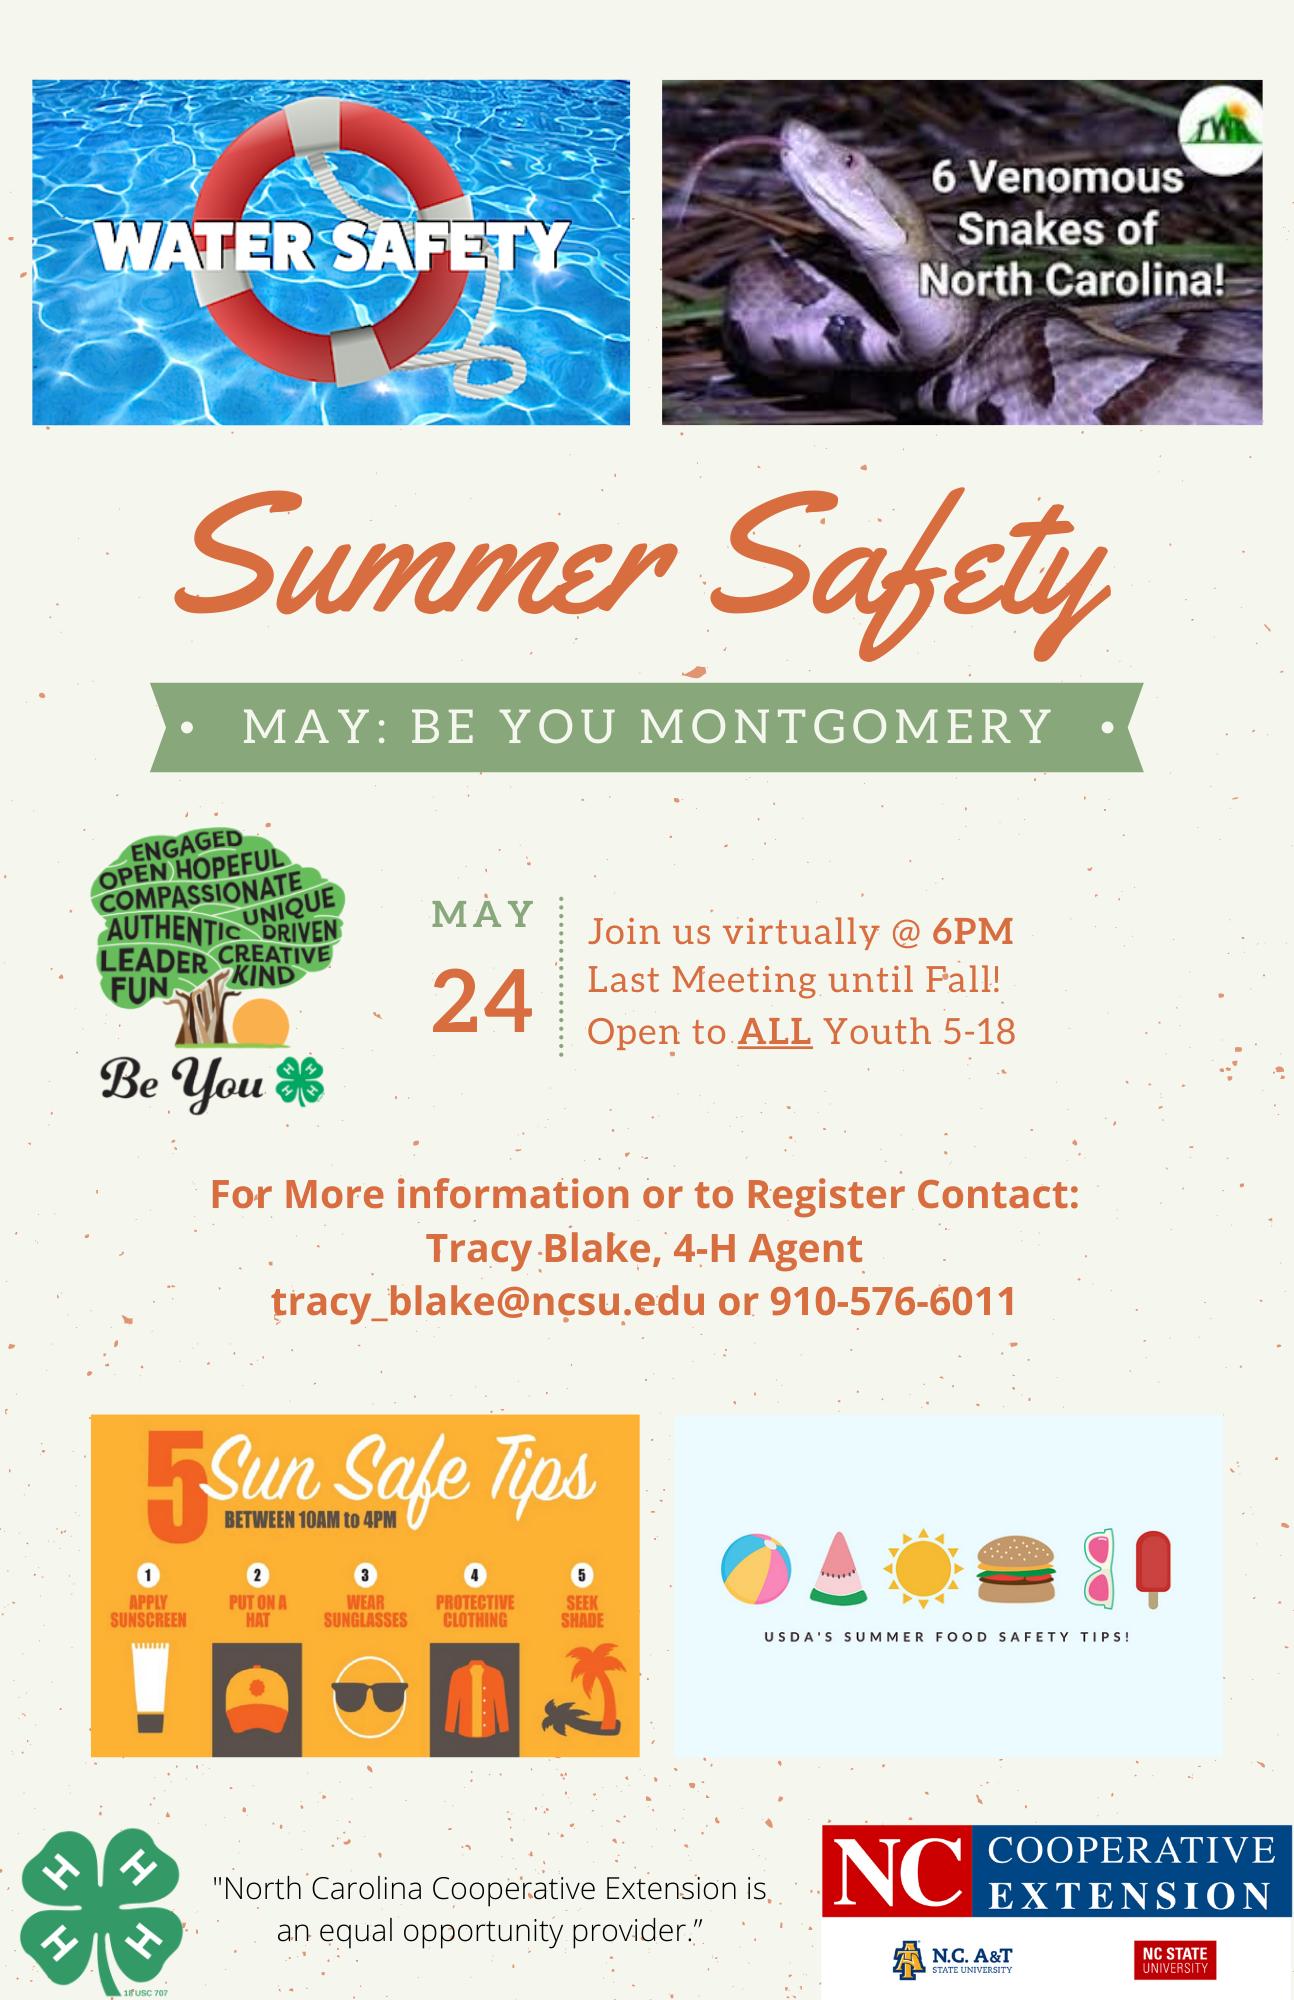 Summer safety flyer image